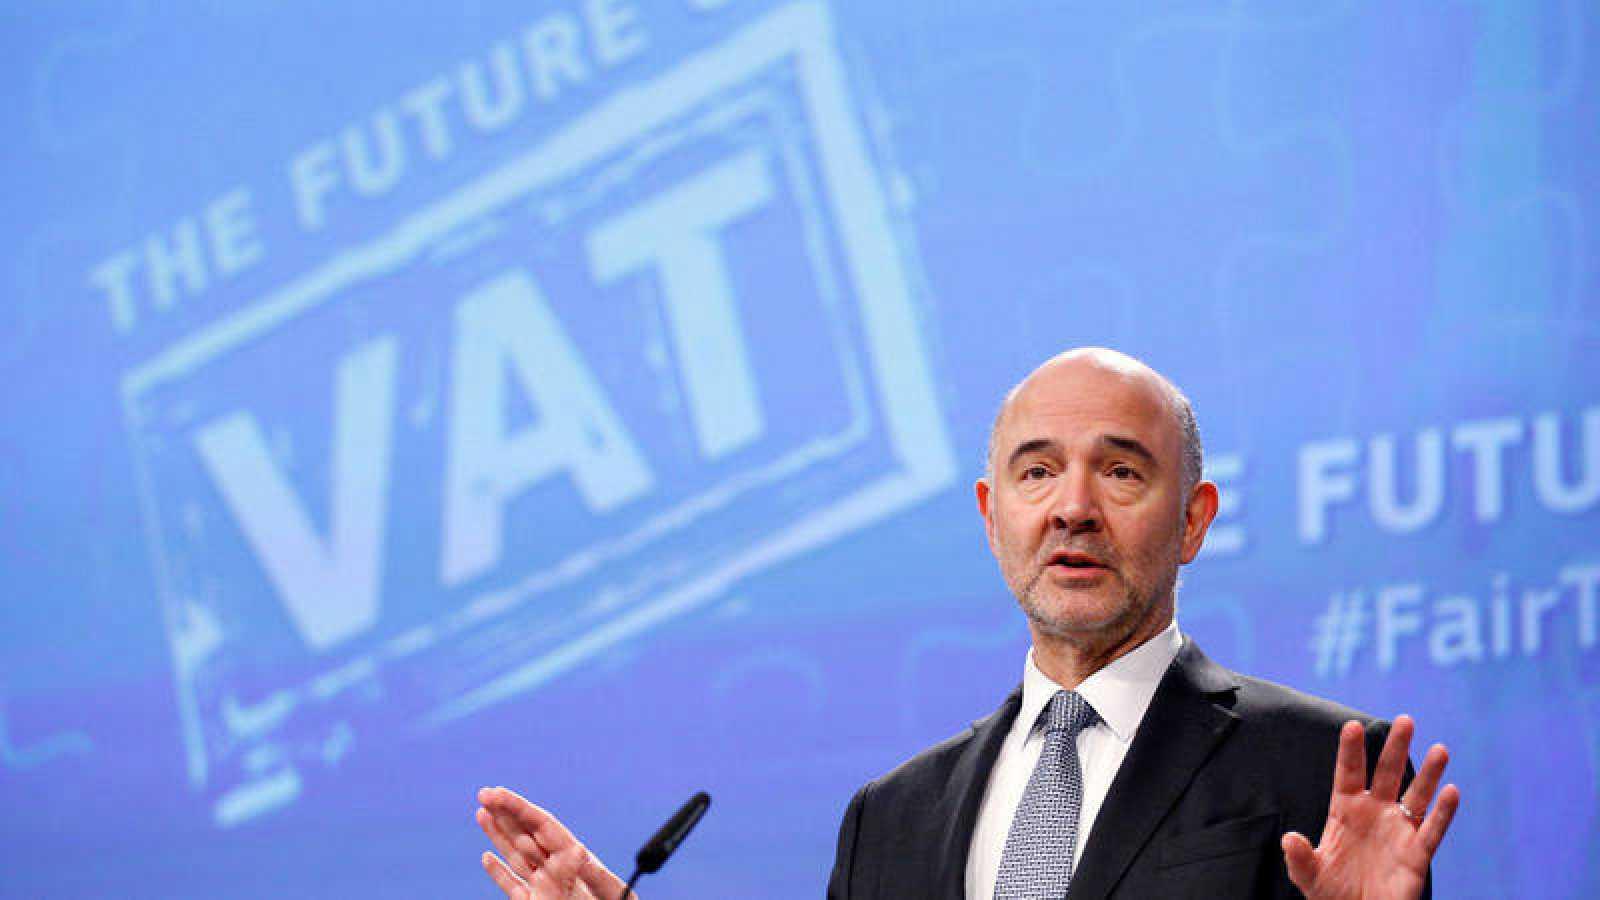 El comisario europeo de Asuntos Económicos y Financieros, Pierre Moscovici, durante la rueda de prensa sobre la reforma del IVA